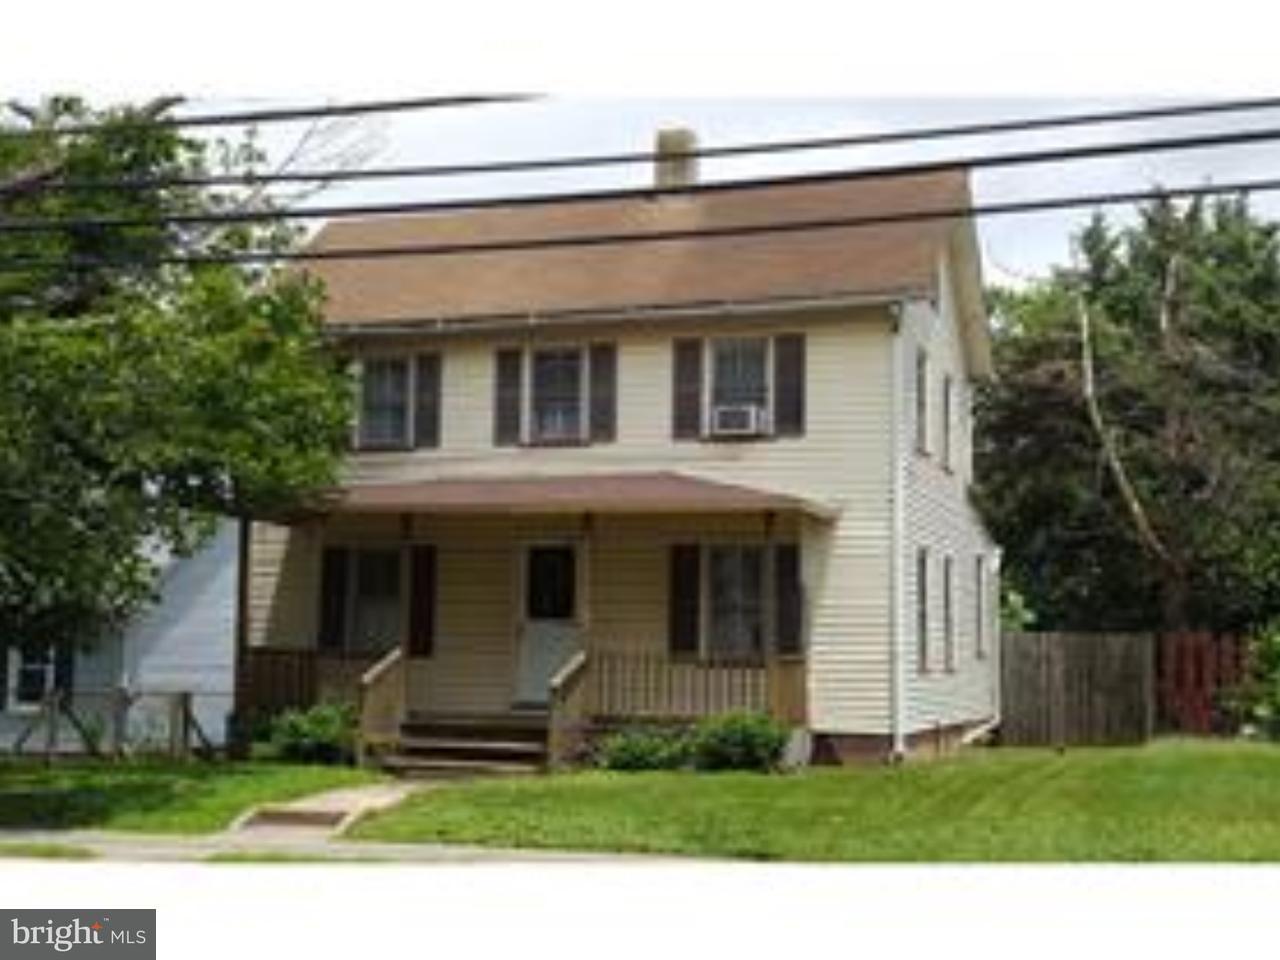 Maison unifamiliale pour l Vente à 927 MAIN Street Shiloh, New Jersey 08353 États-Unis